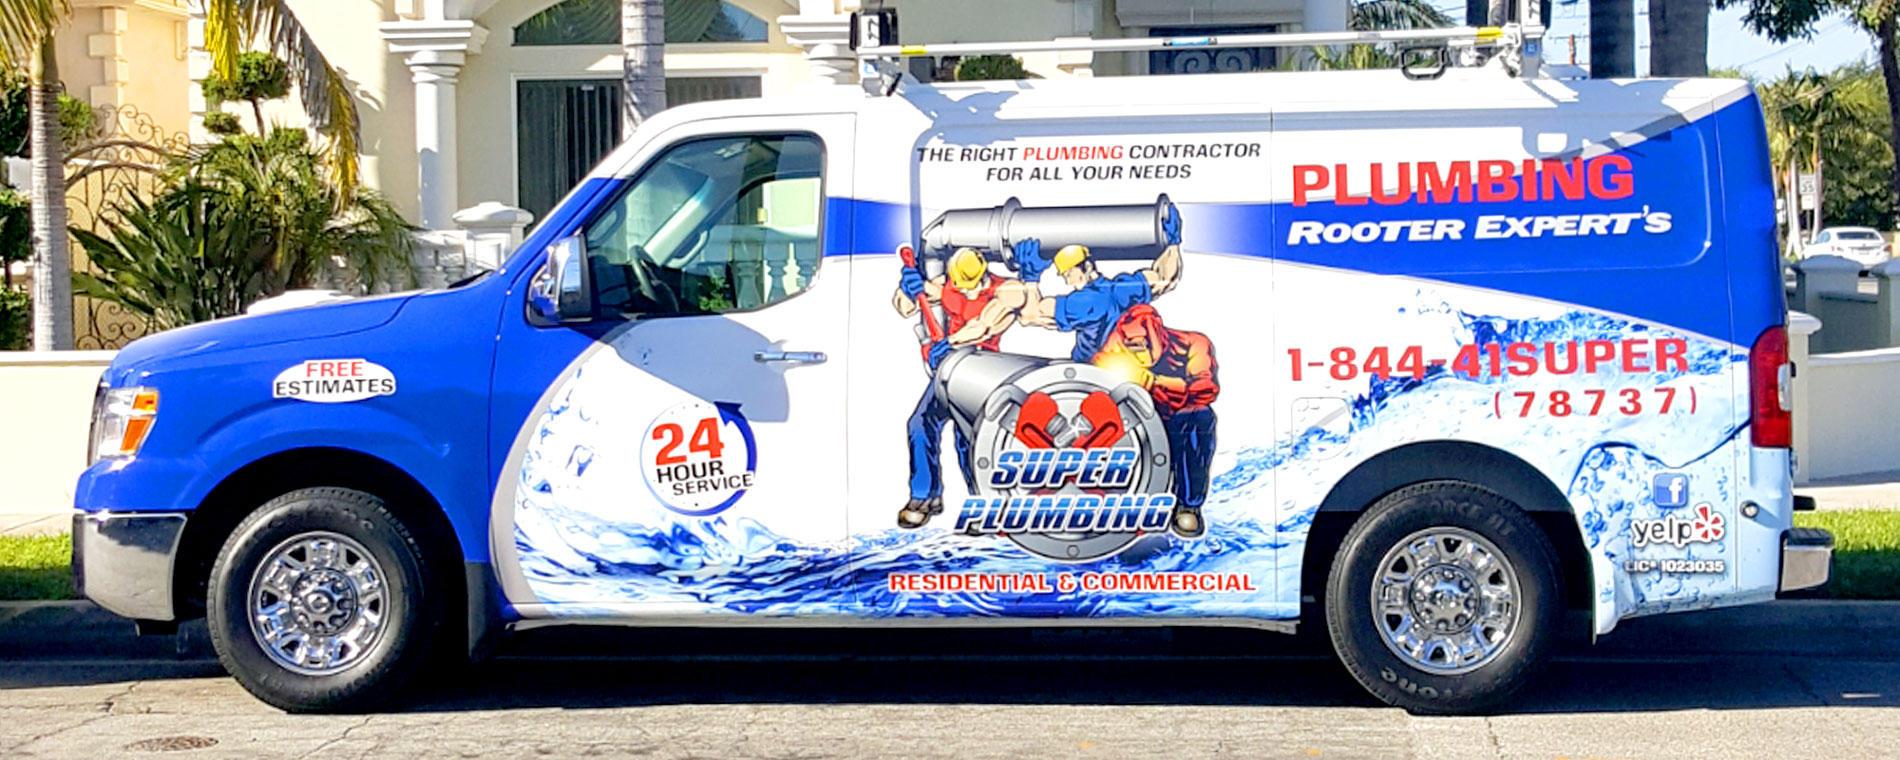 Super Plumbing